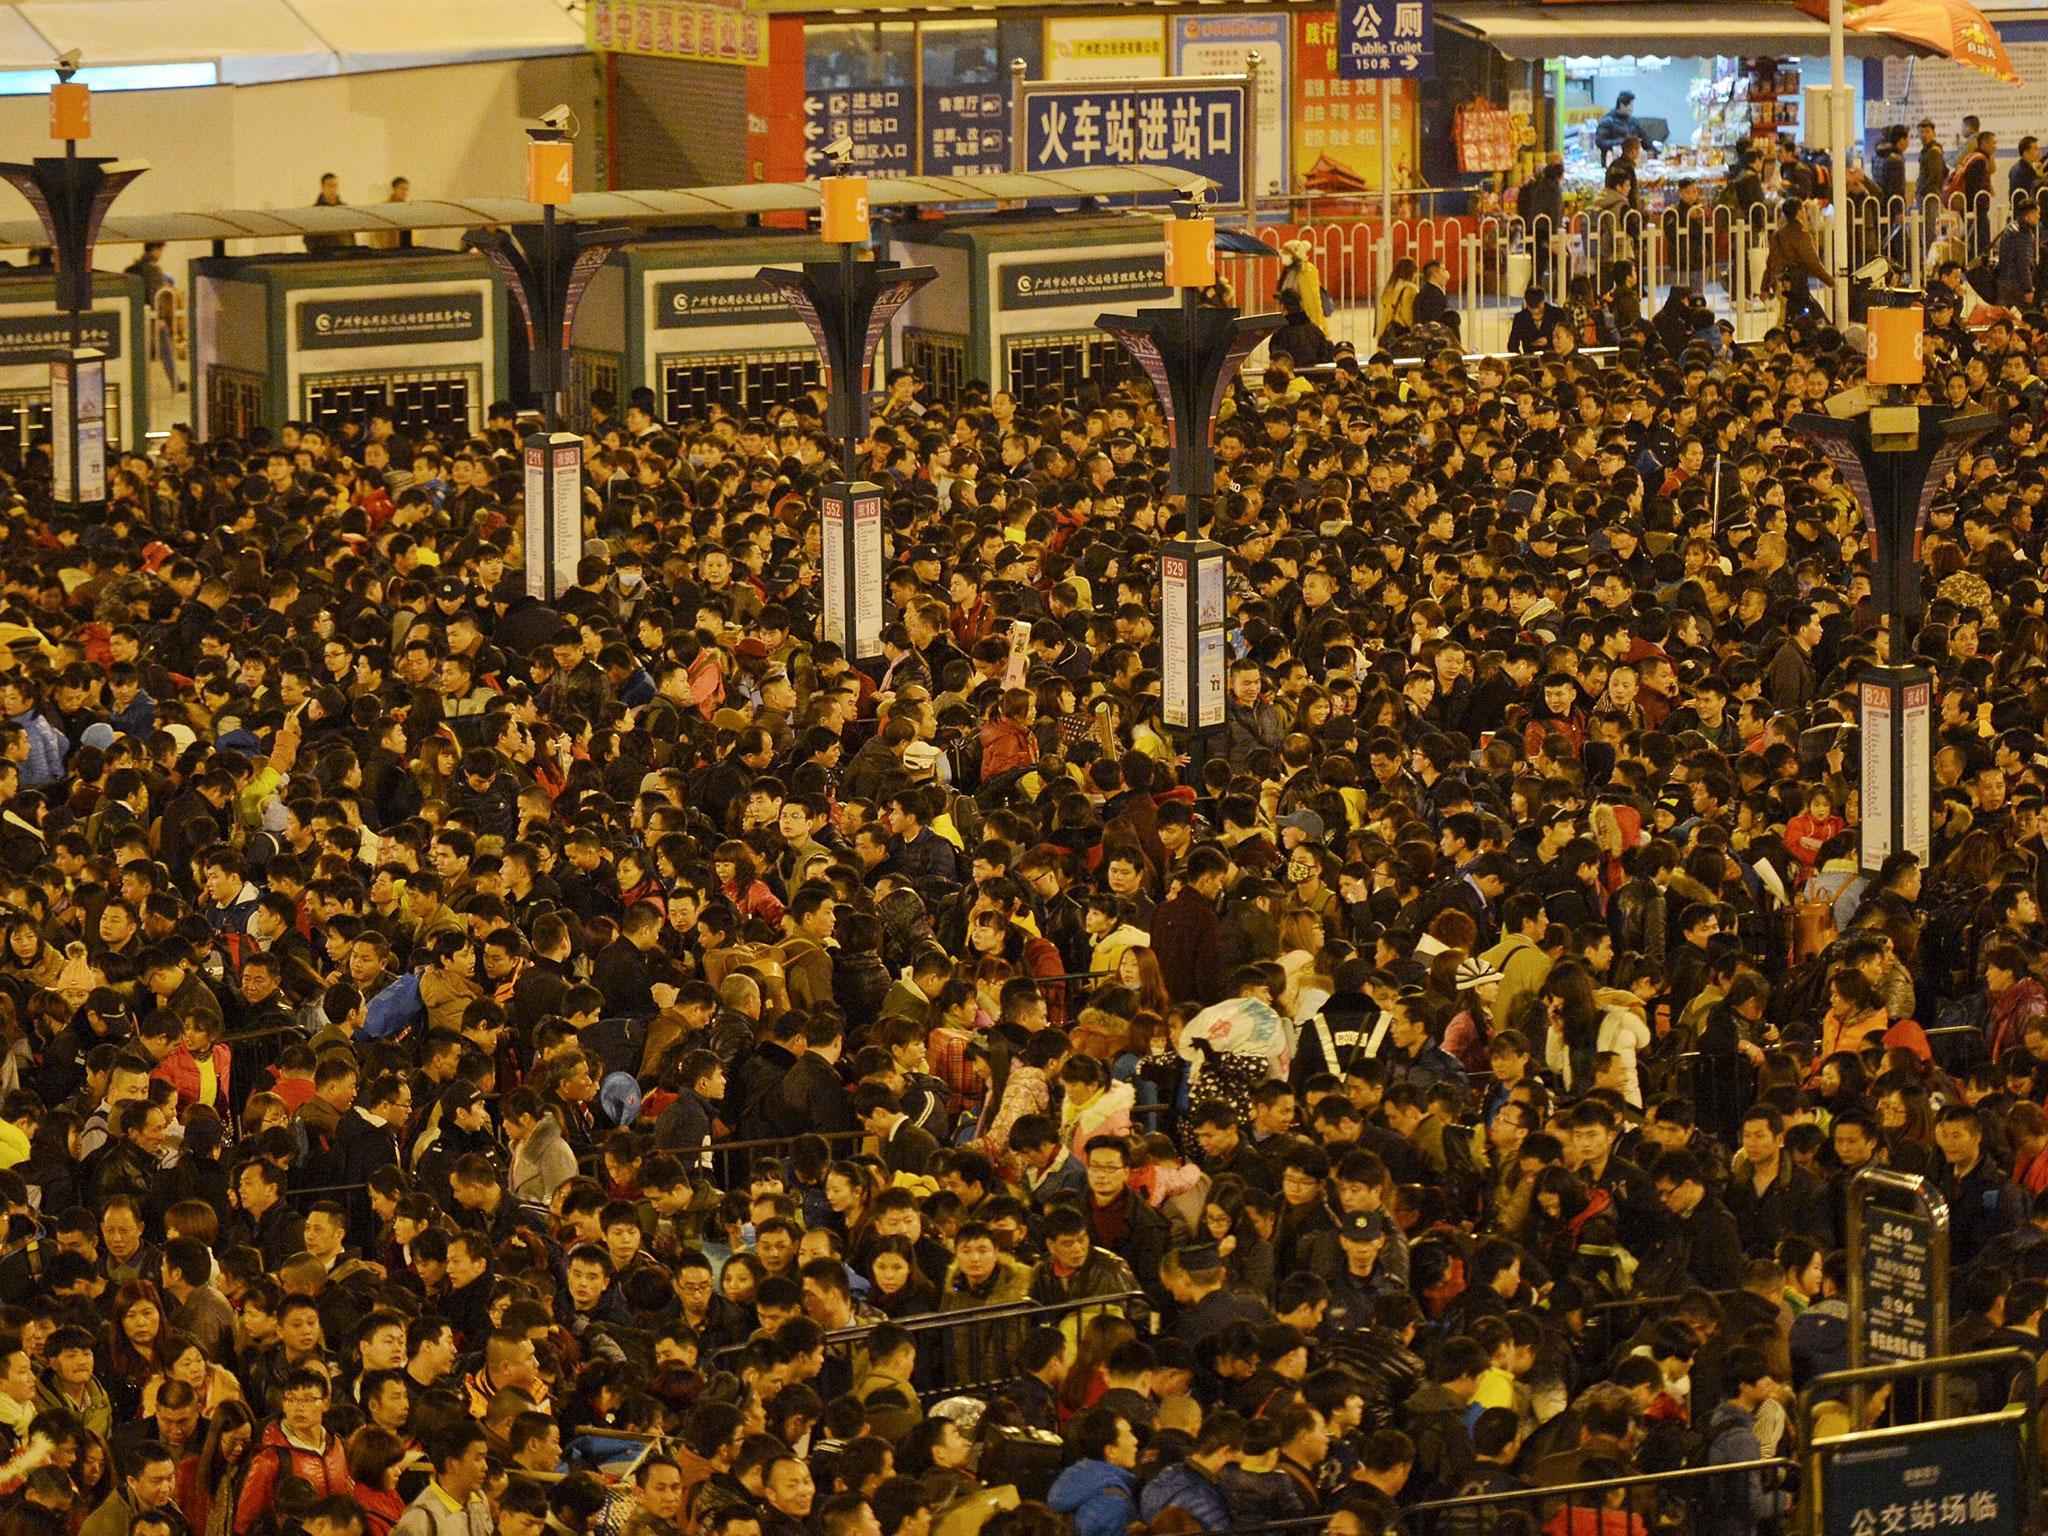 Railway Station in Guangzhou, China